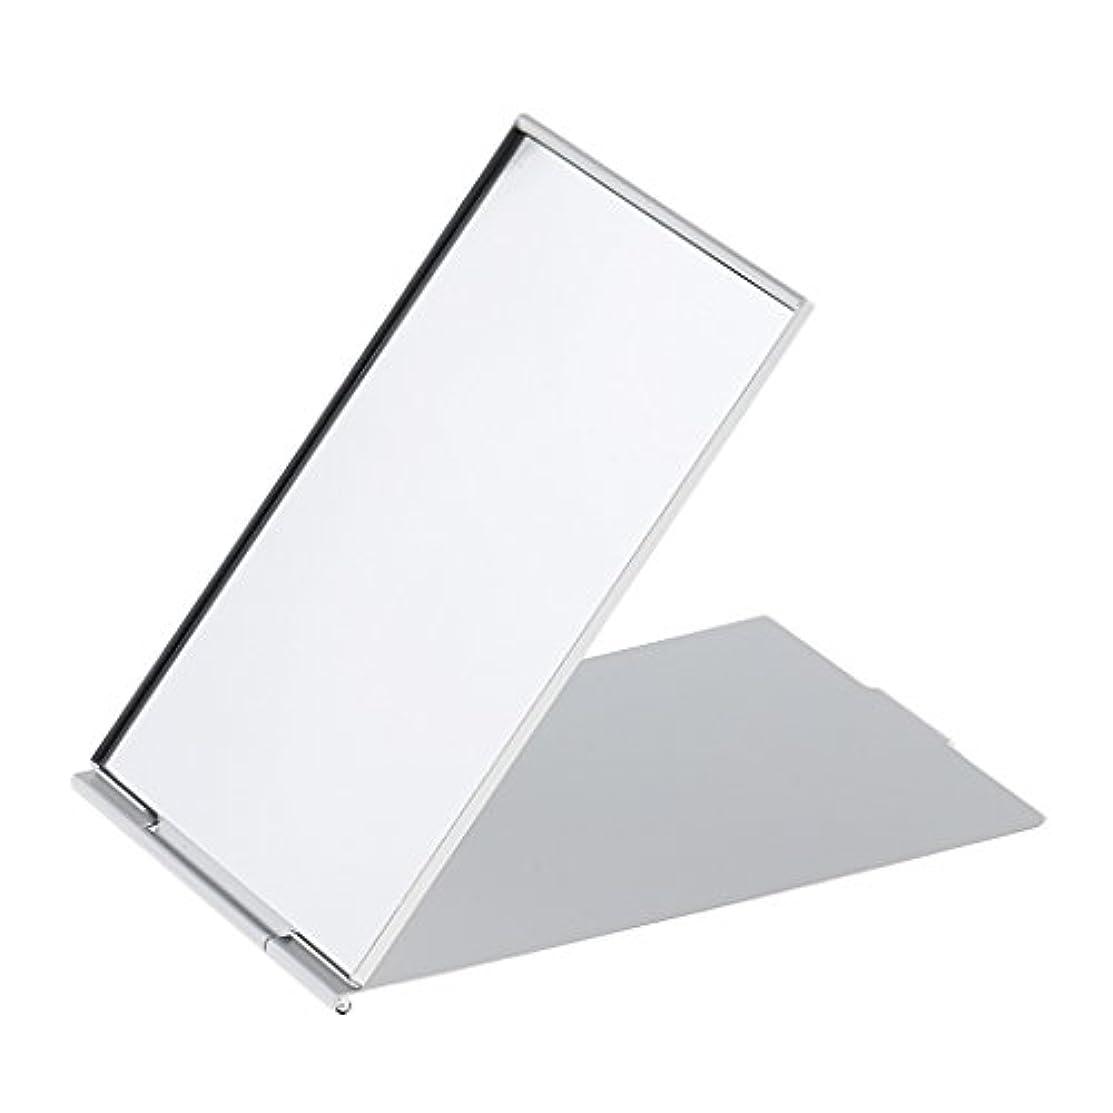 売る気絶させるベットCUTICATE メイクミラー 軽量 折りたたみ ポケット コンパクトミラー トラベル 化粧鏡 全3サイズ - #3